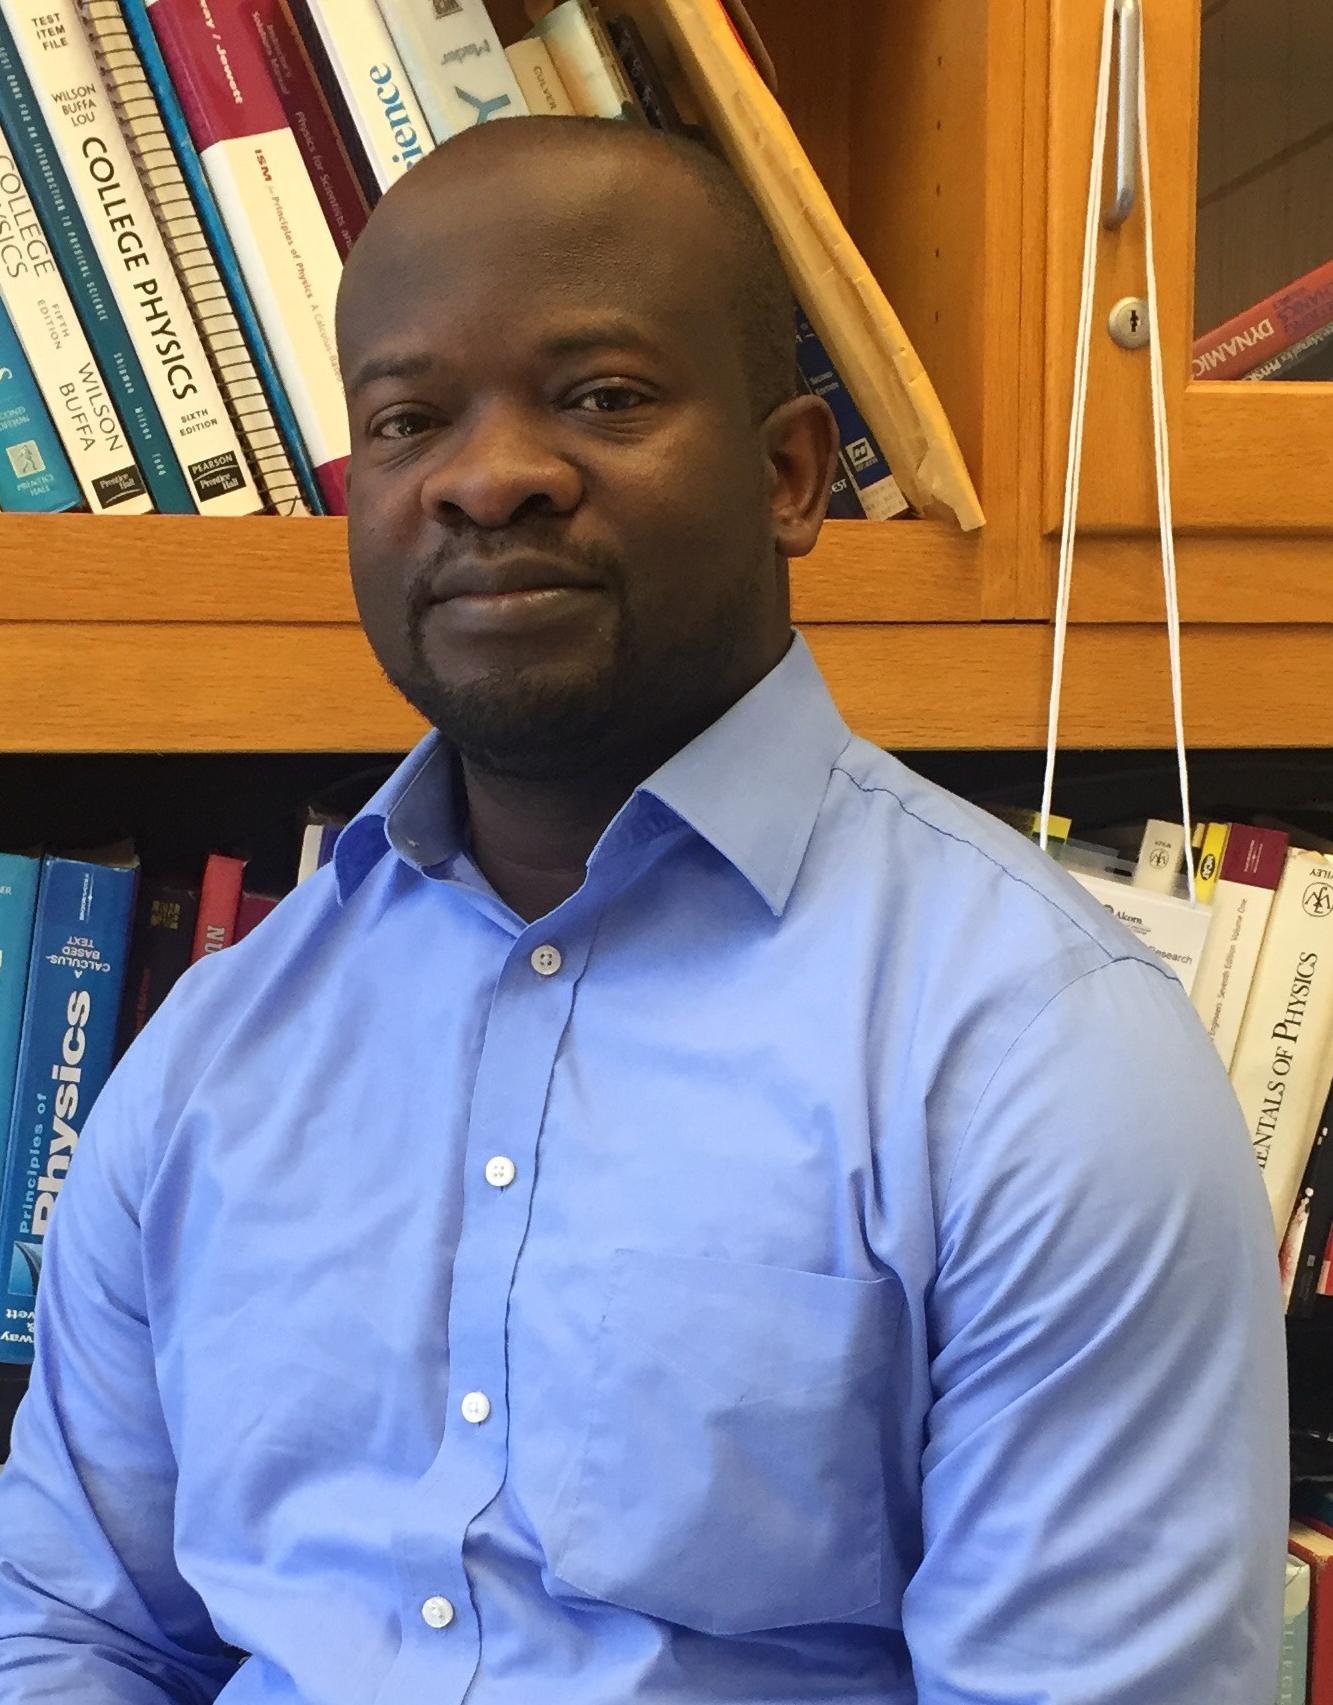 Dr. Herve Sanghapi, Assistant Professor of Physics